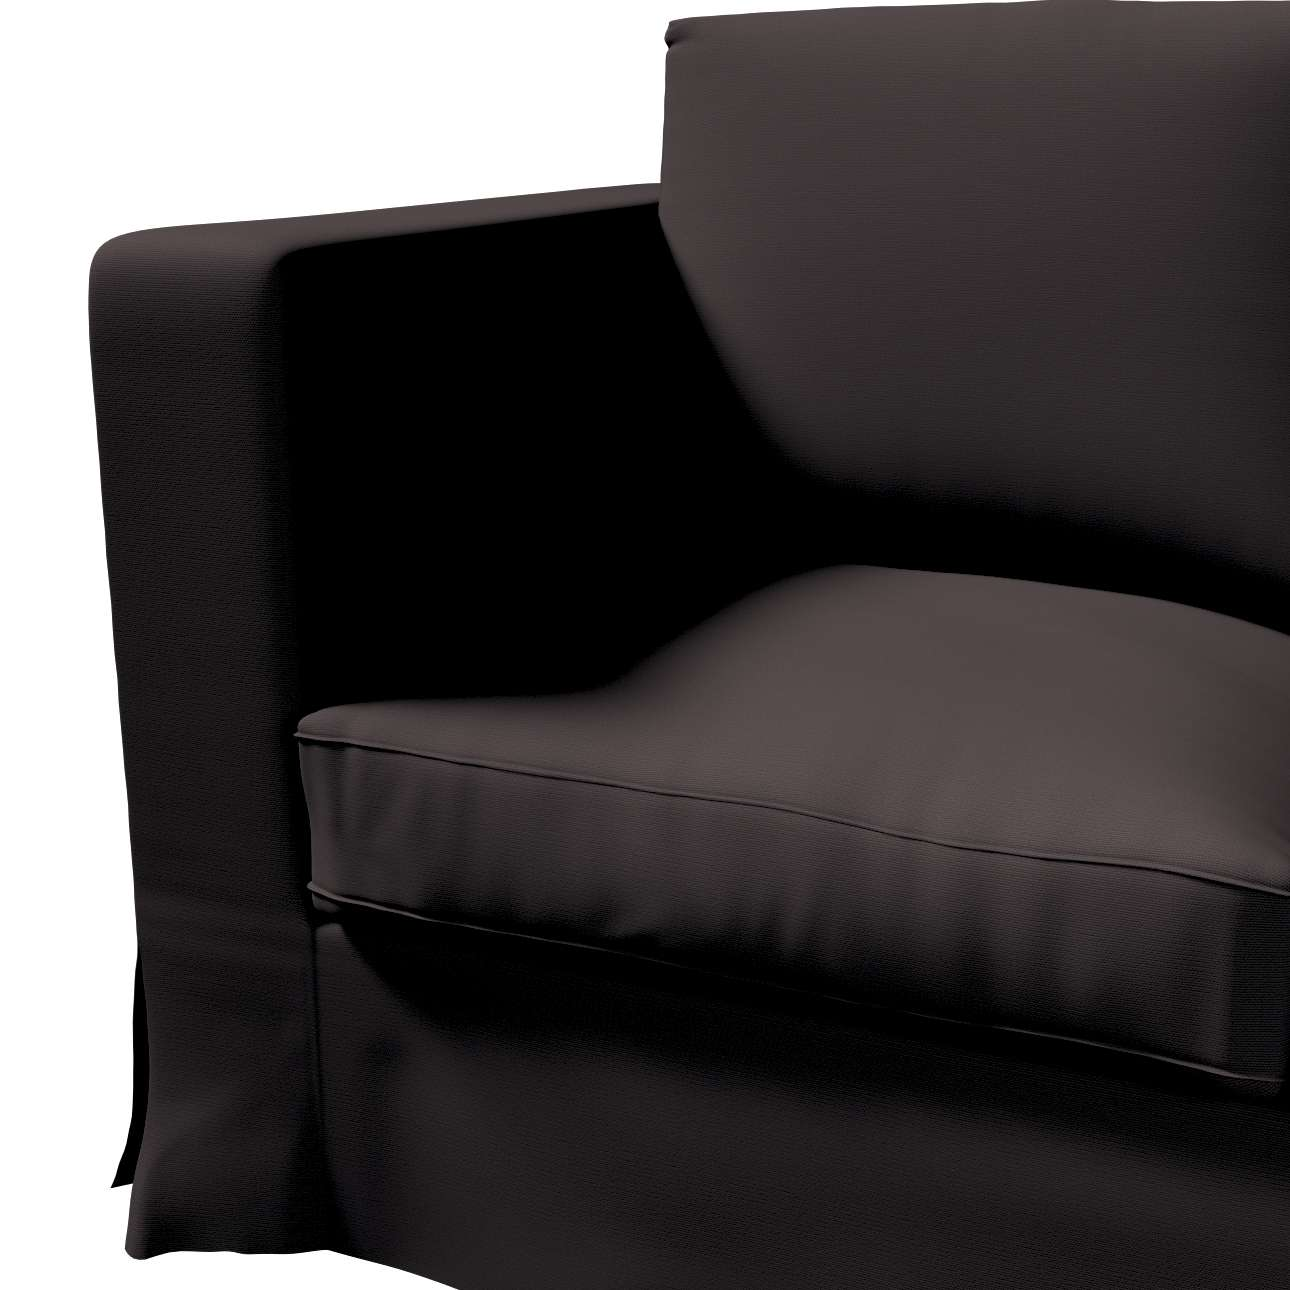 Bezug für Karlanda 3-Sitzer Sofa nicht ausklappbar, lang von der Kollektion Cotton Panama, Stoff: 702-09